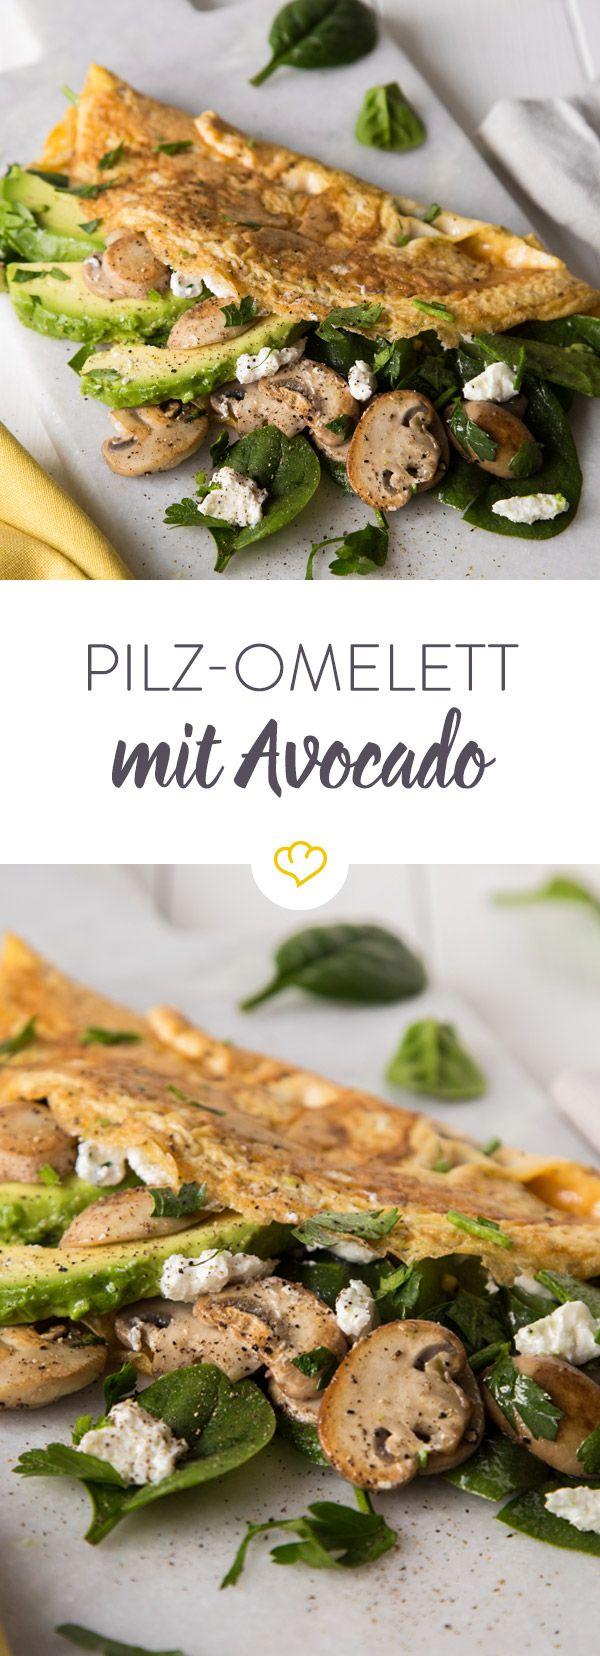 Mit reifer Avocado, zartem Babyspinat und würzigem Ziegenkäse mausert sich das einfache Pilz-Omelett zum blitzschnellen Feierabendgericht.